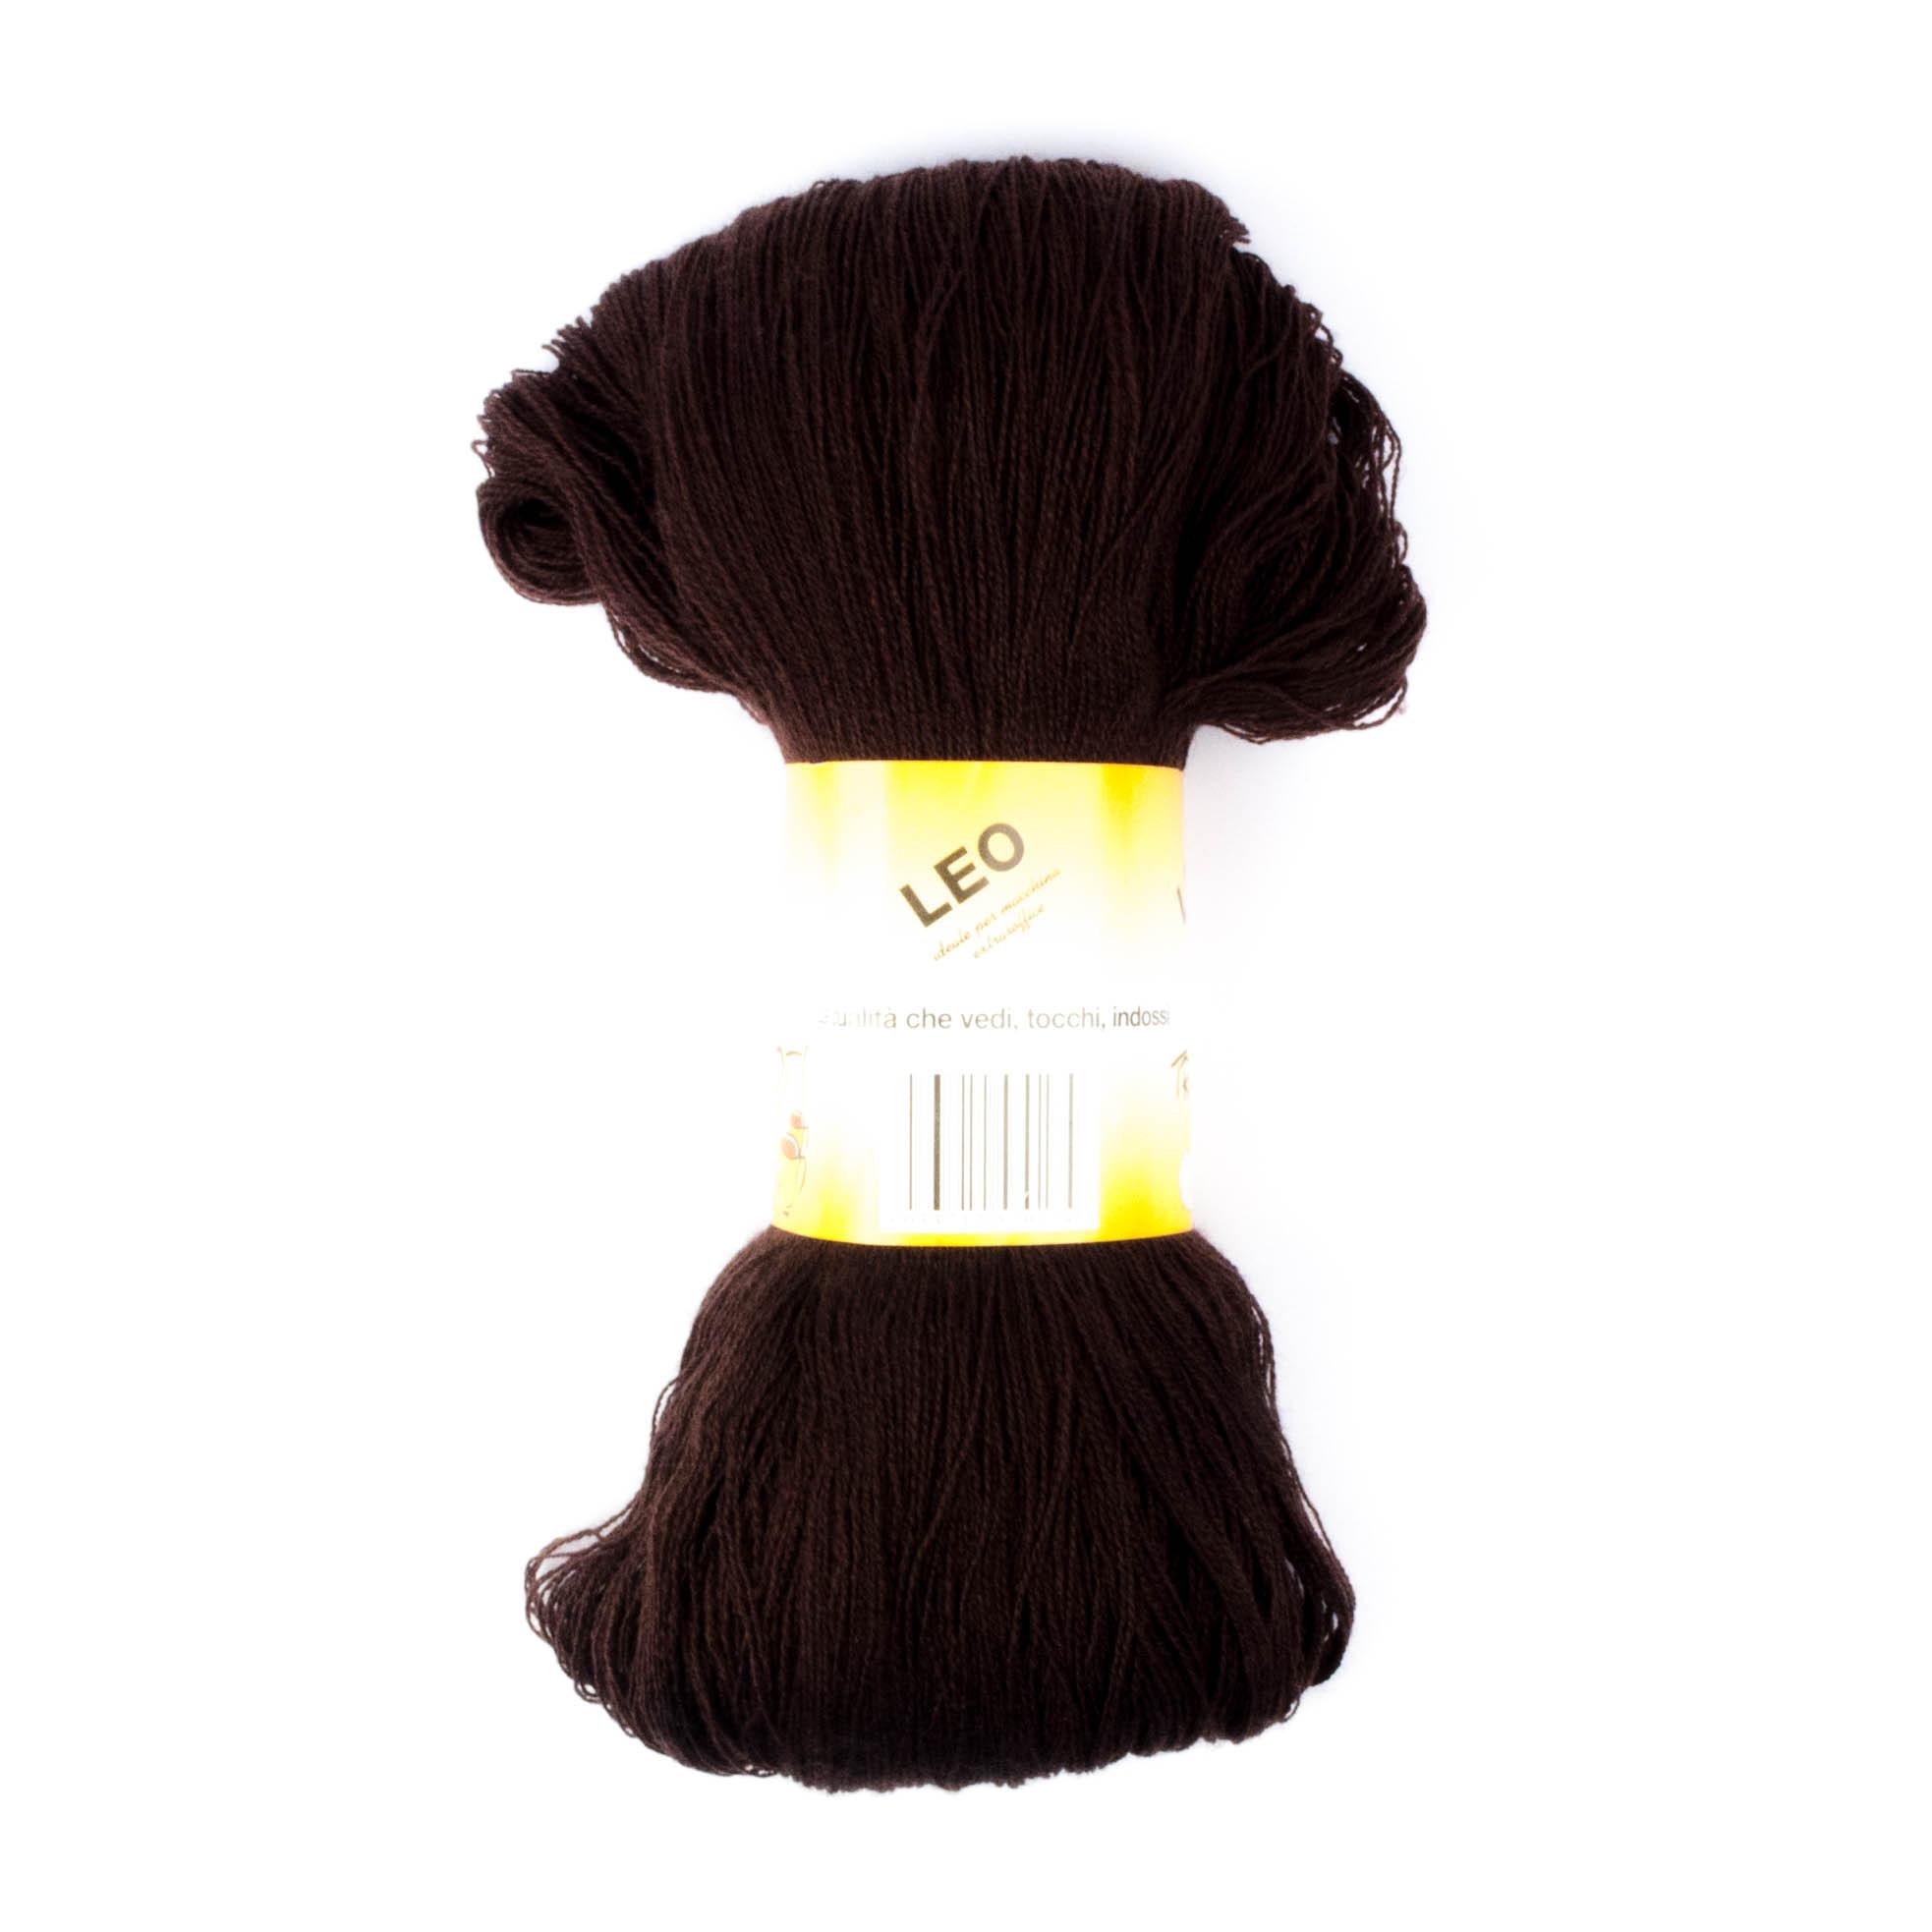 Leo - Matassa misto lana ideale per lavori a mano e macchina - Testa di Moro 13